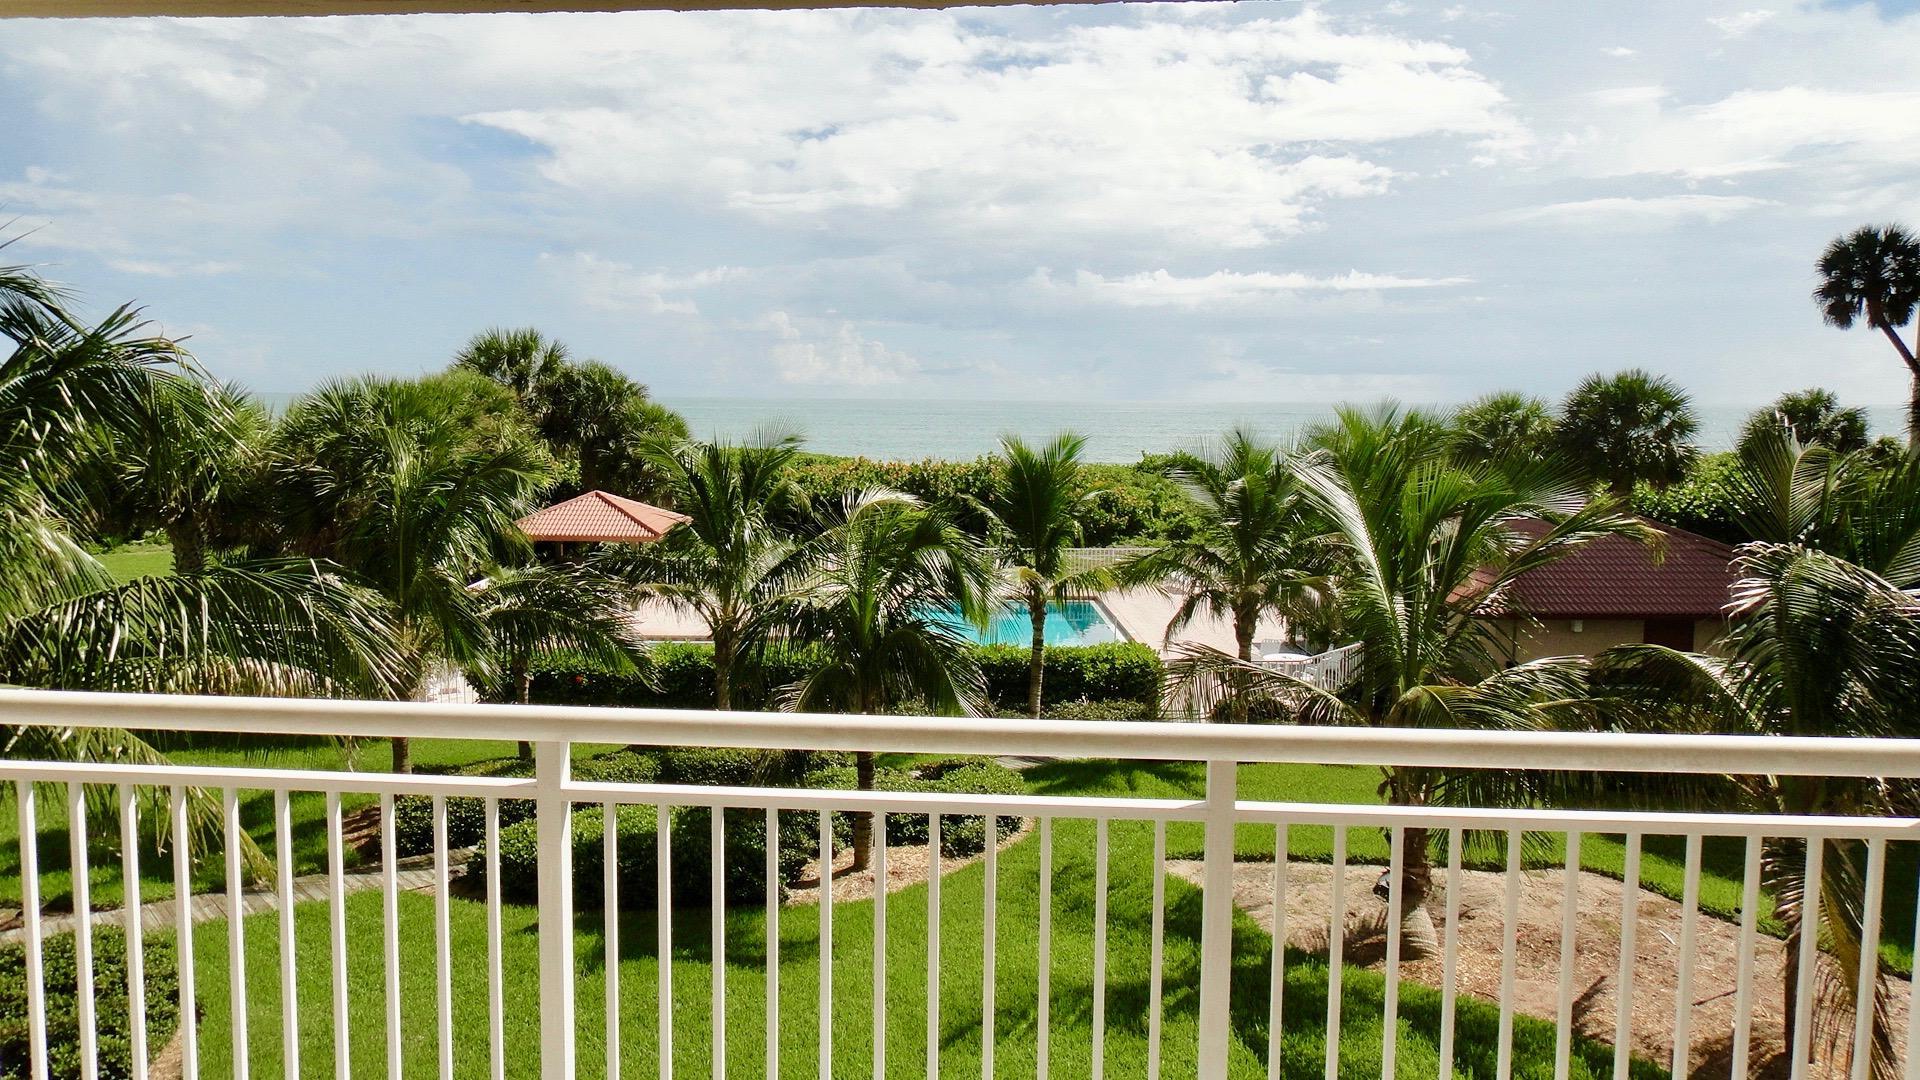 HIBISCUS BY SEA CONDO HUTCHINSON ISLAND FLORIDA